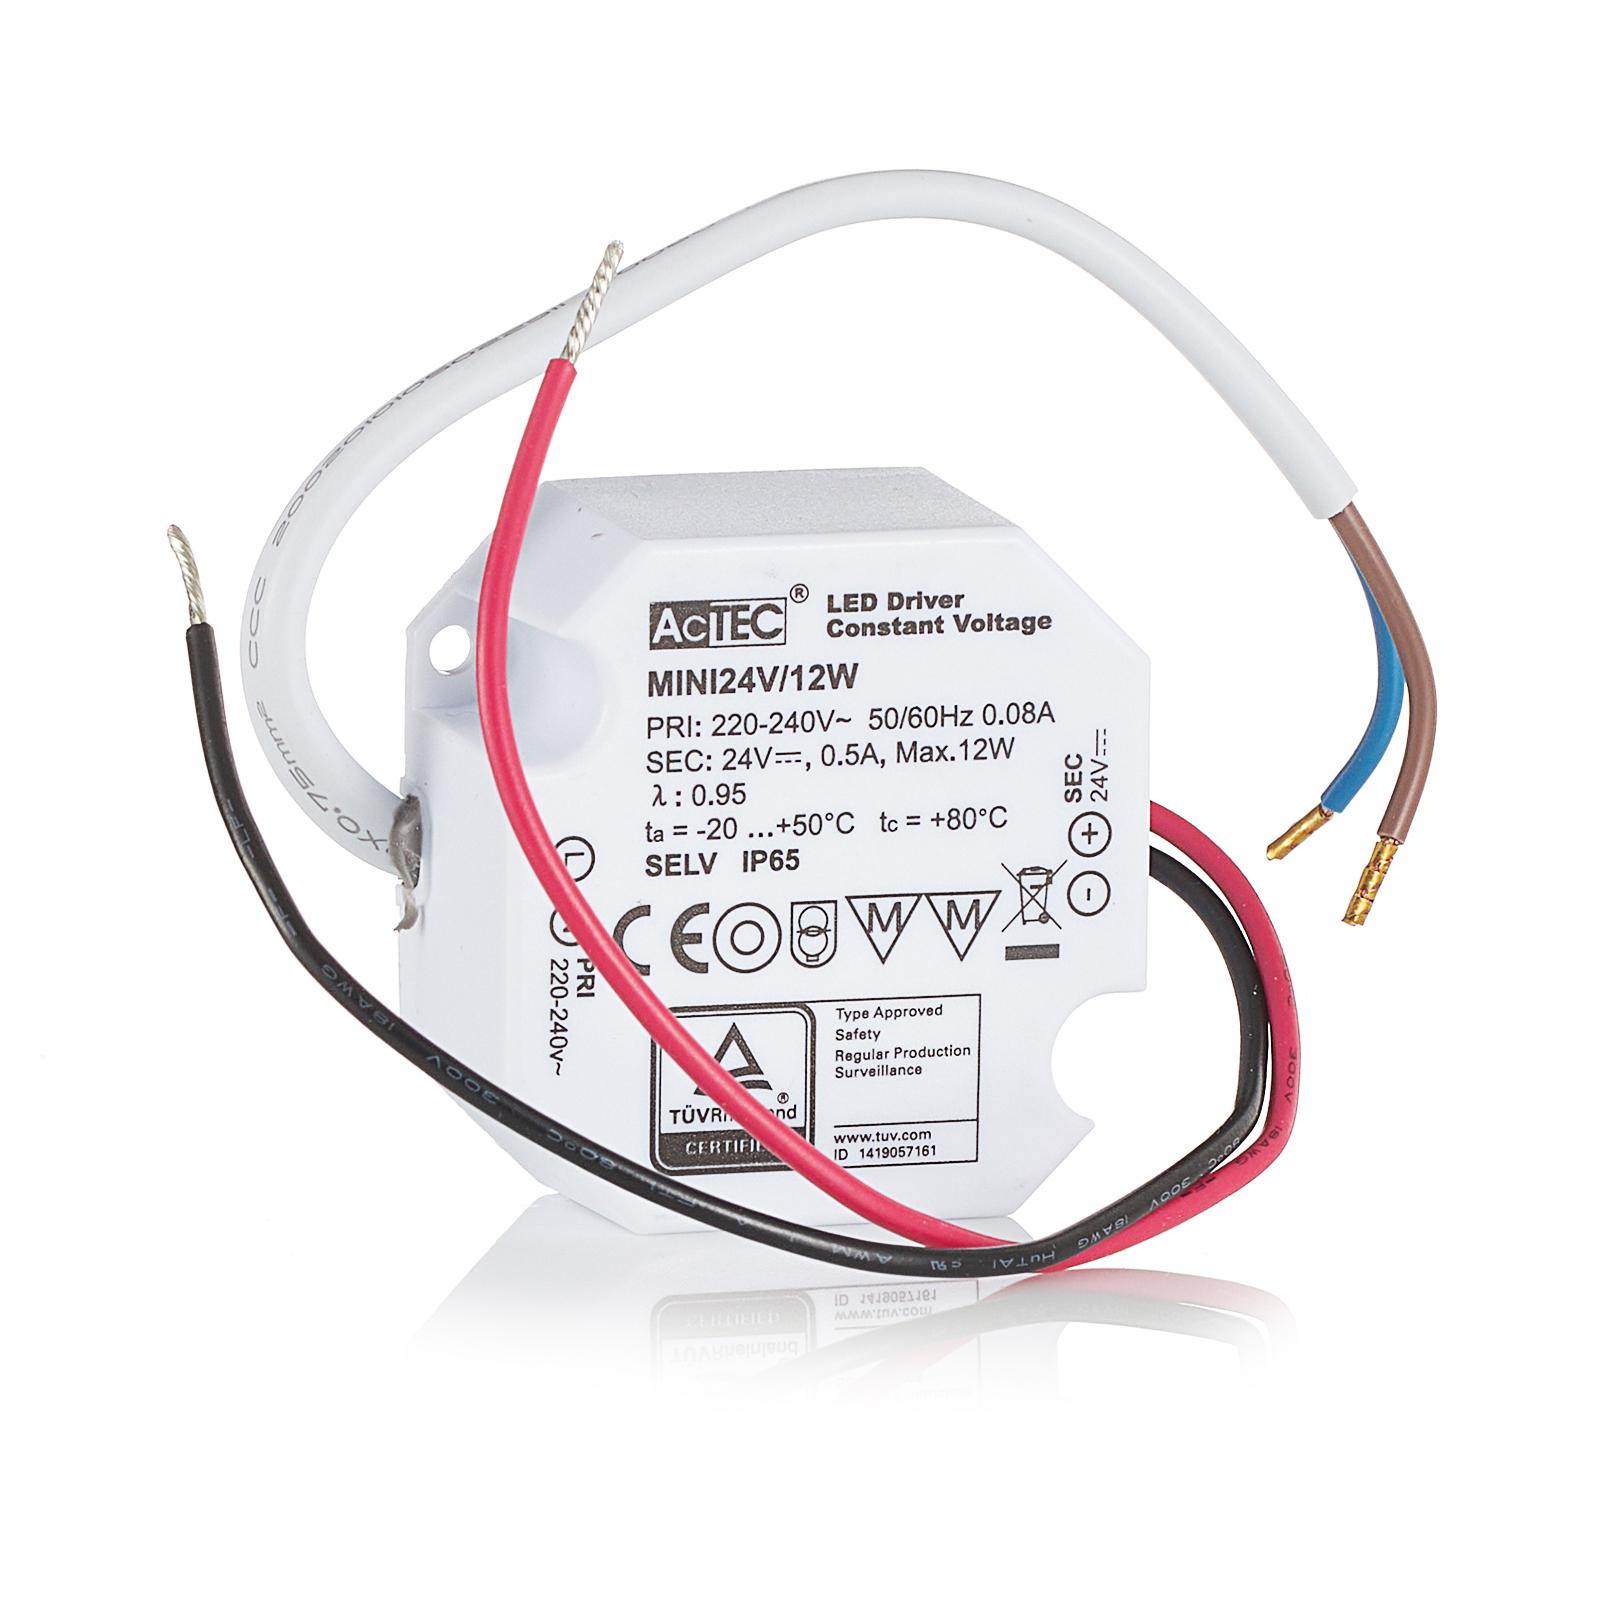 AcTEC Mini LED-driver CV 24 V, 12 W, IP65